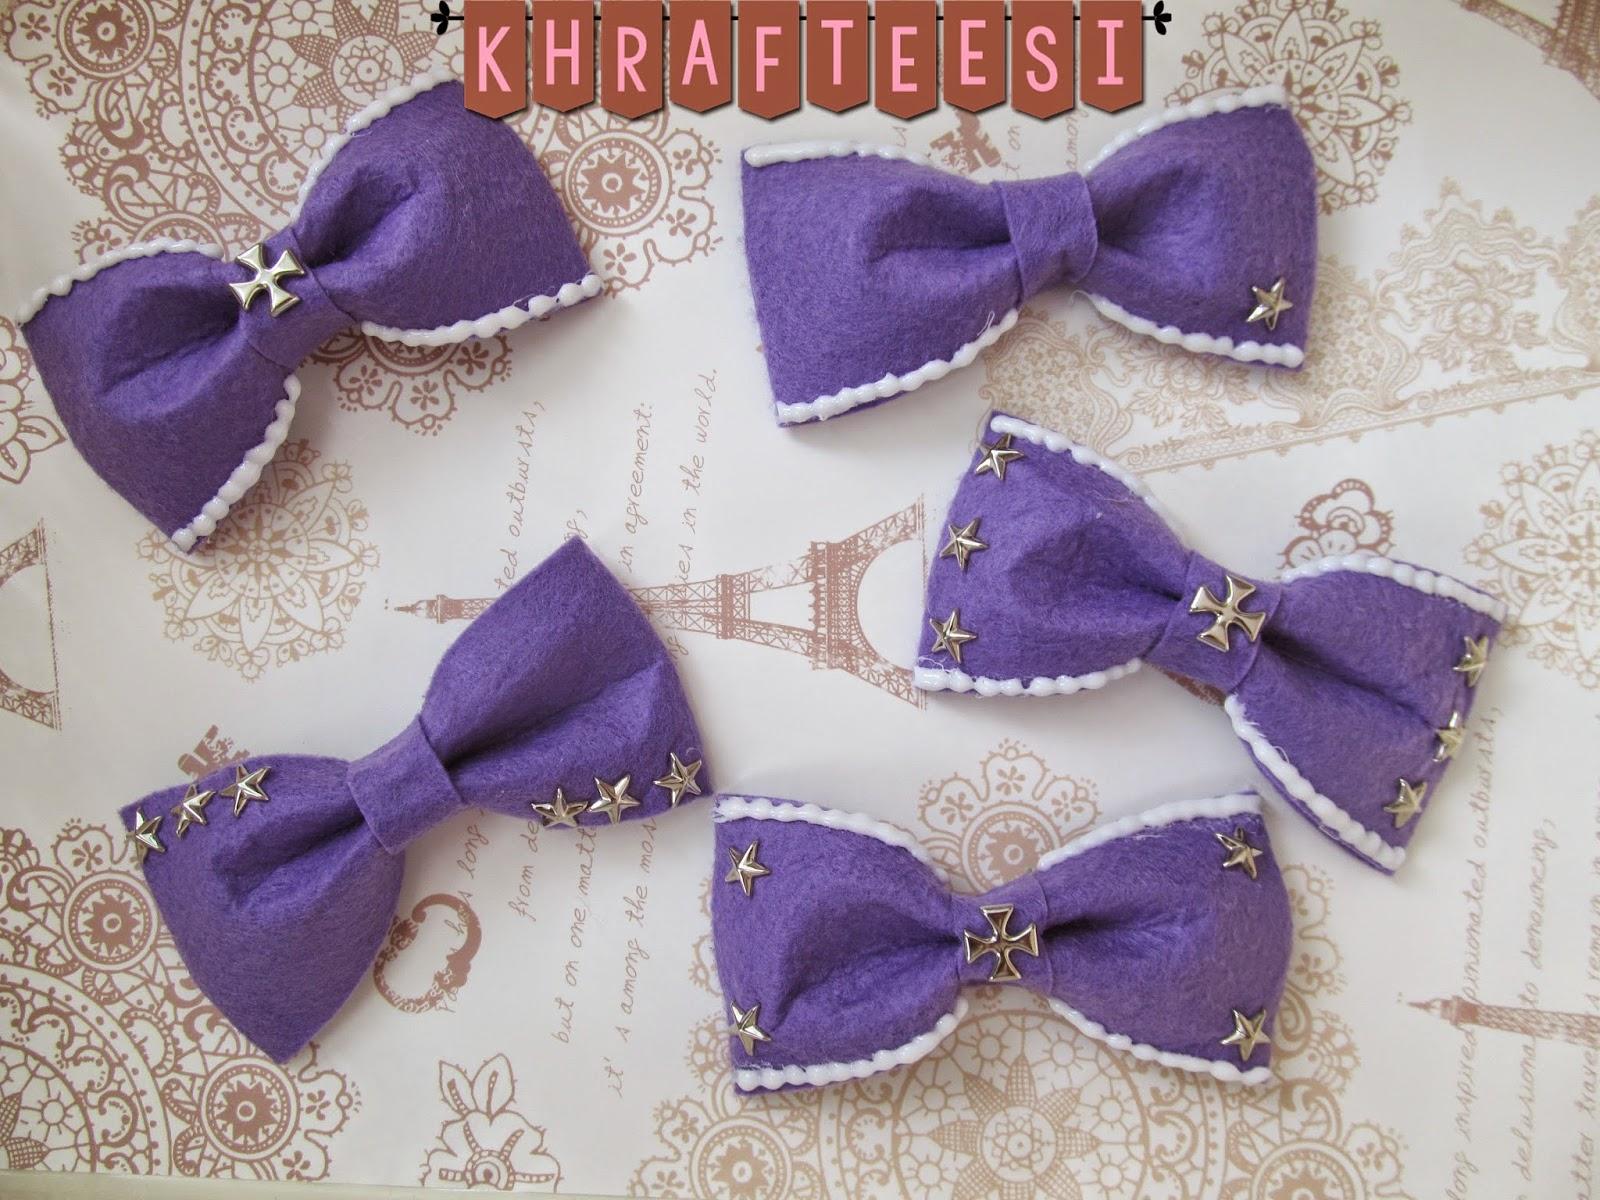 Khrafteesi Icing Bows Purple